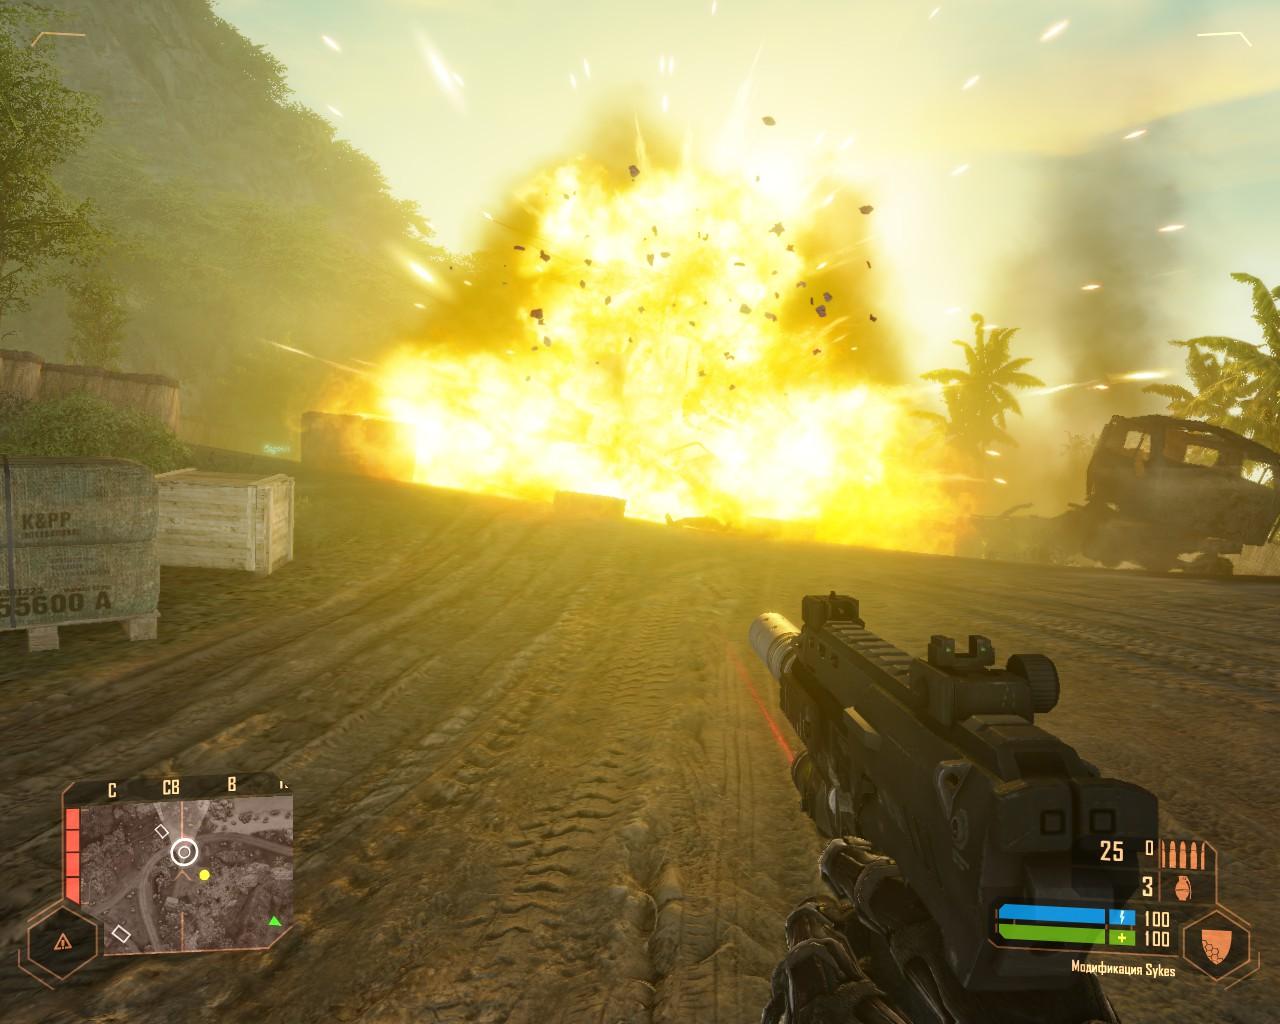 Crysis64 2014-08-11 23-25-47-70.jpg - Crysis Warhead